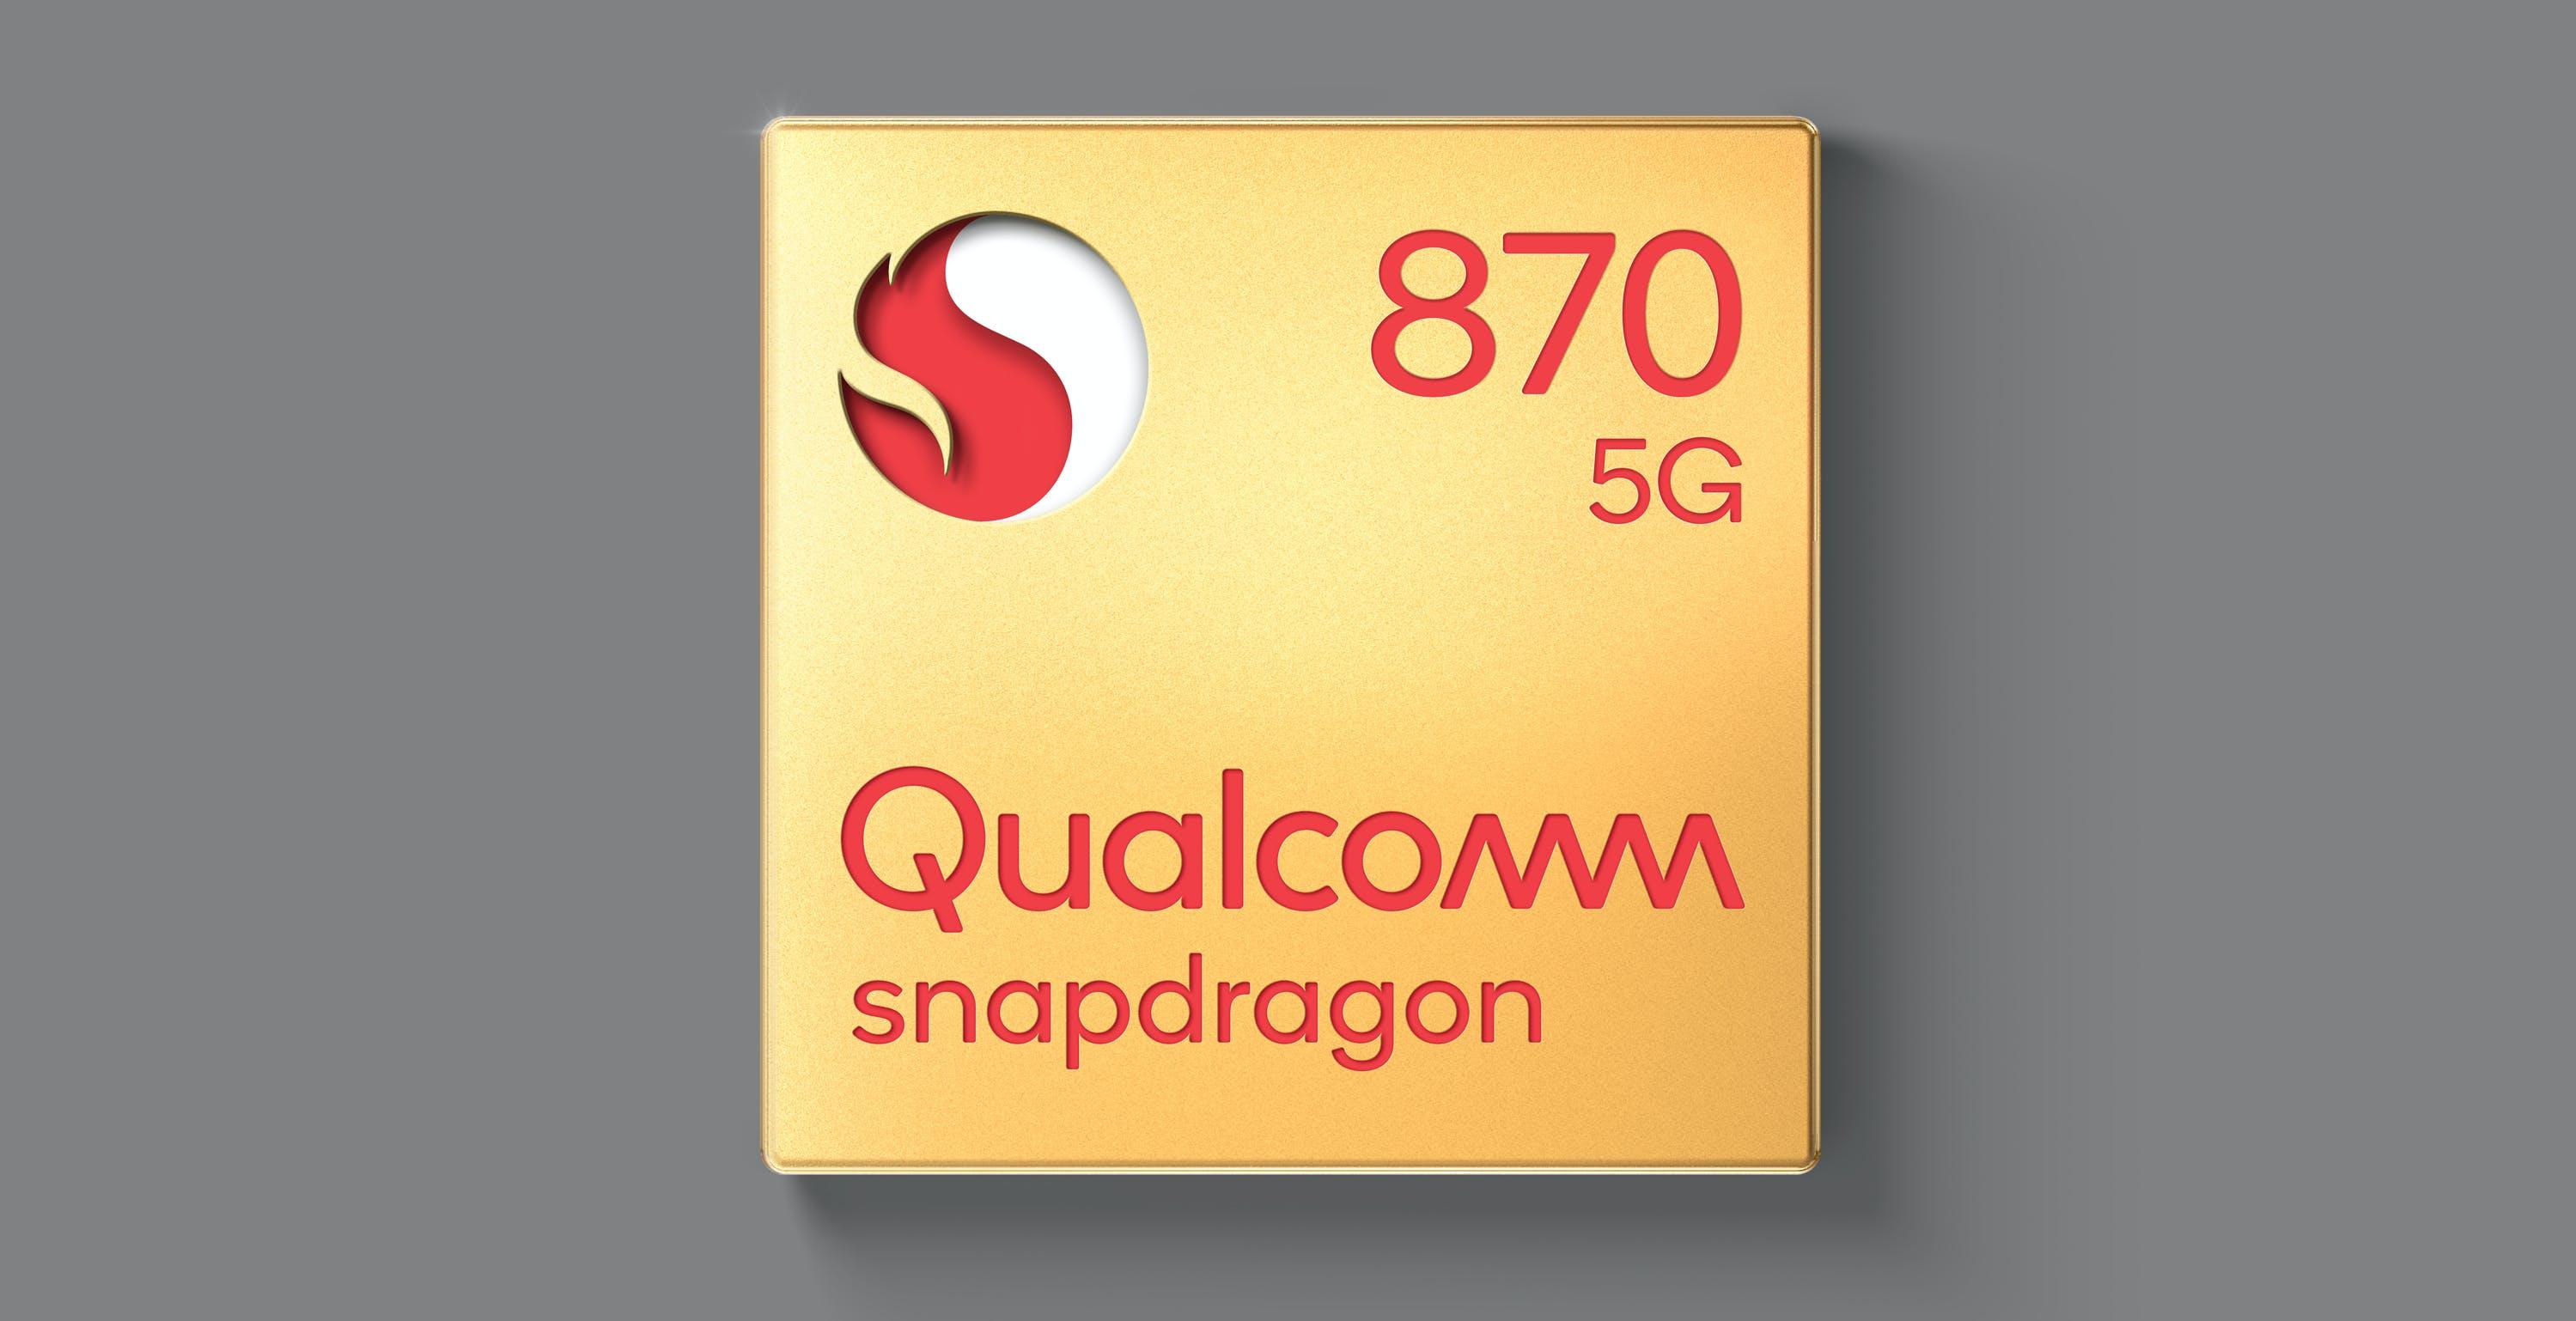 Qualcomm annuncia Snapdragon 870 5G. Rispetto allo Snapdragon 865 cambia solo il nome